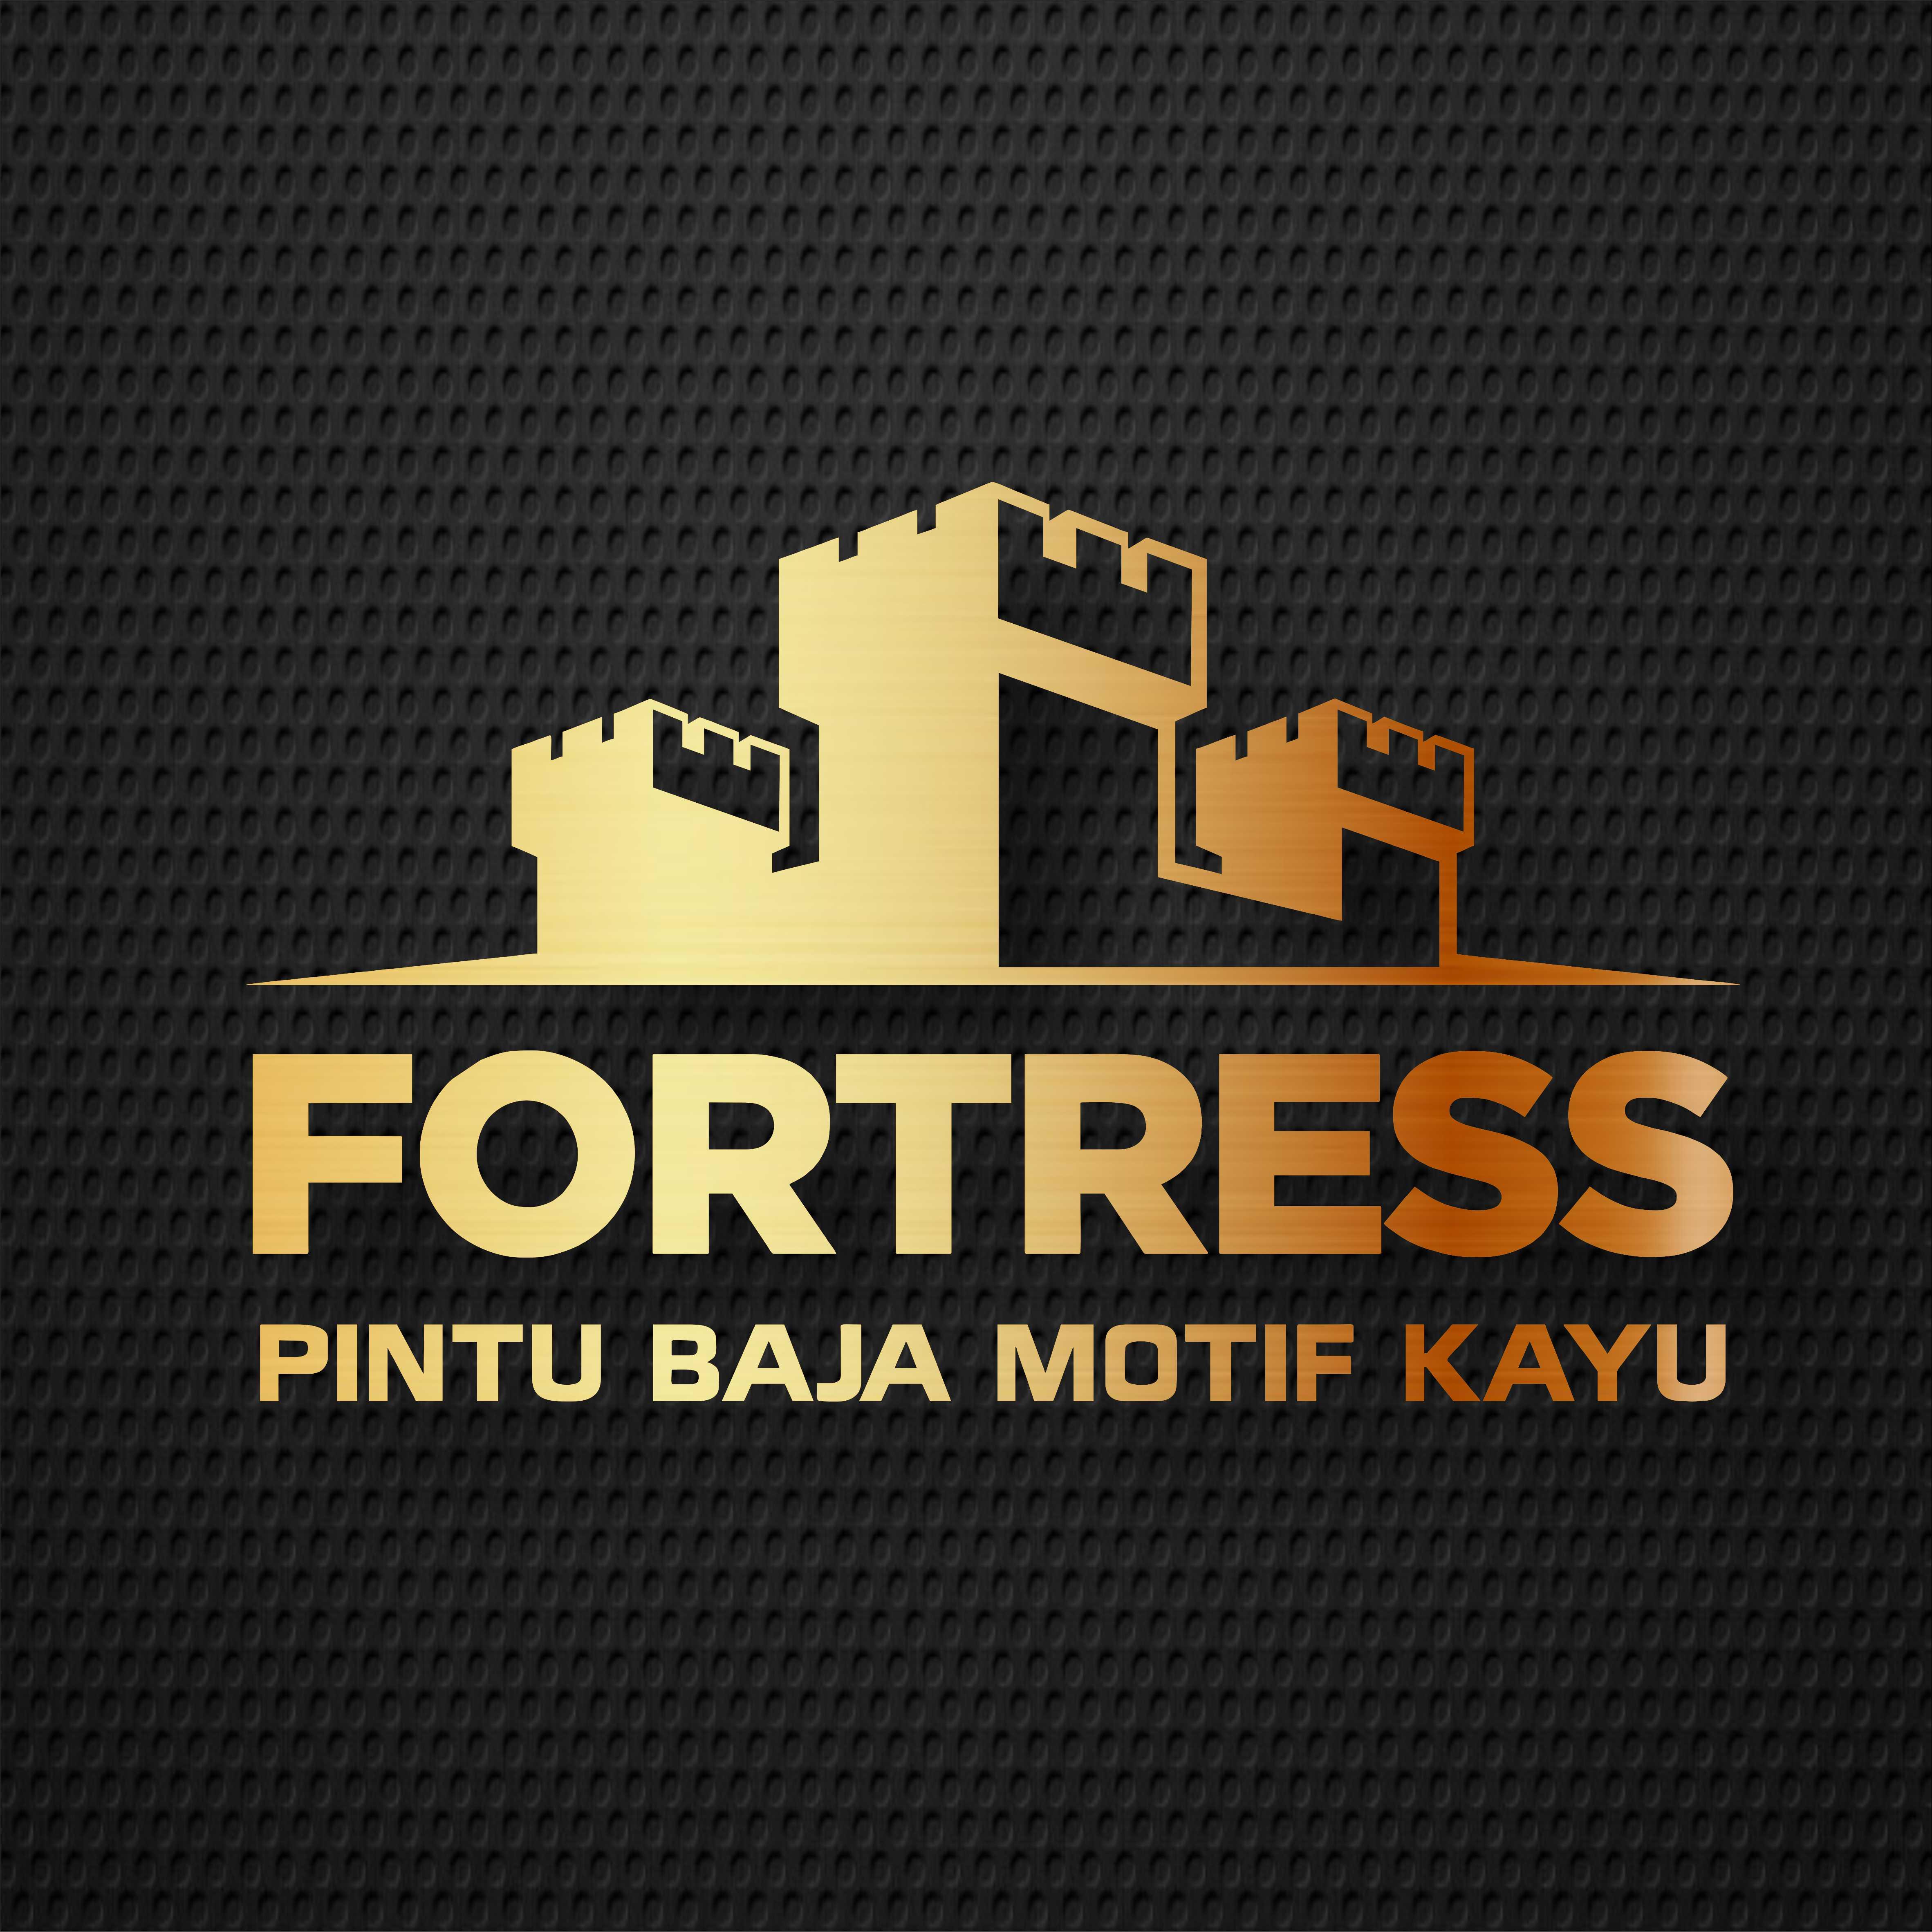 Logo FORTRESS Pintu Baja Motif Kayu